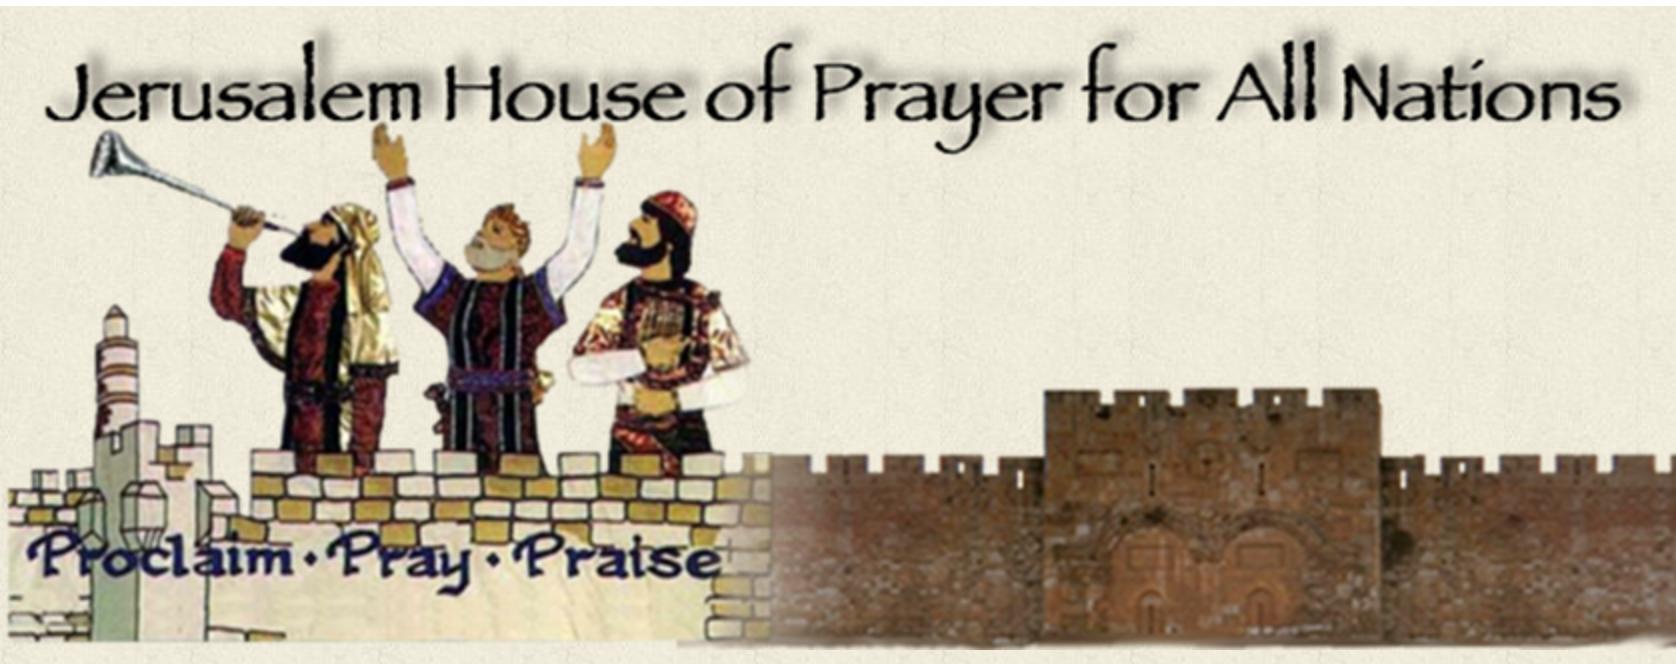 Jerusalem House of Prayer